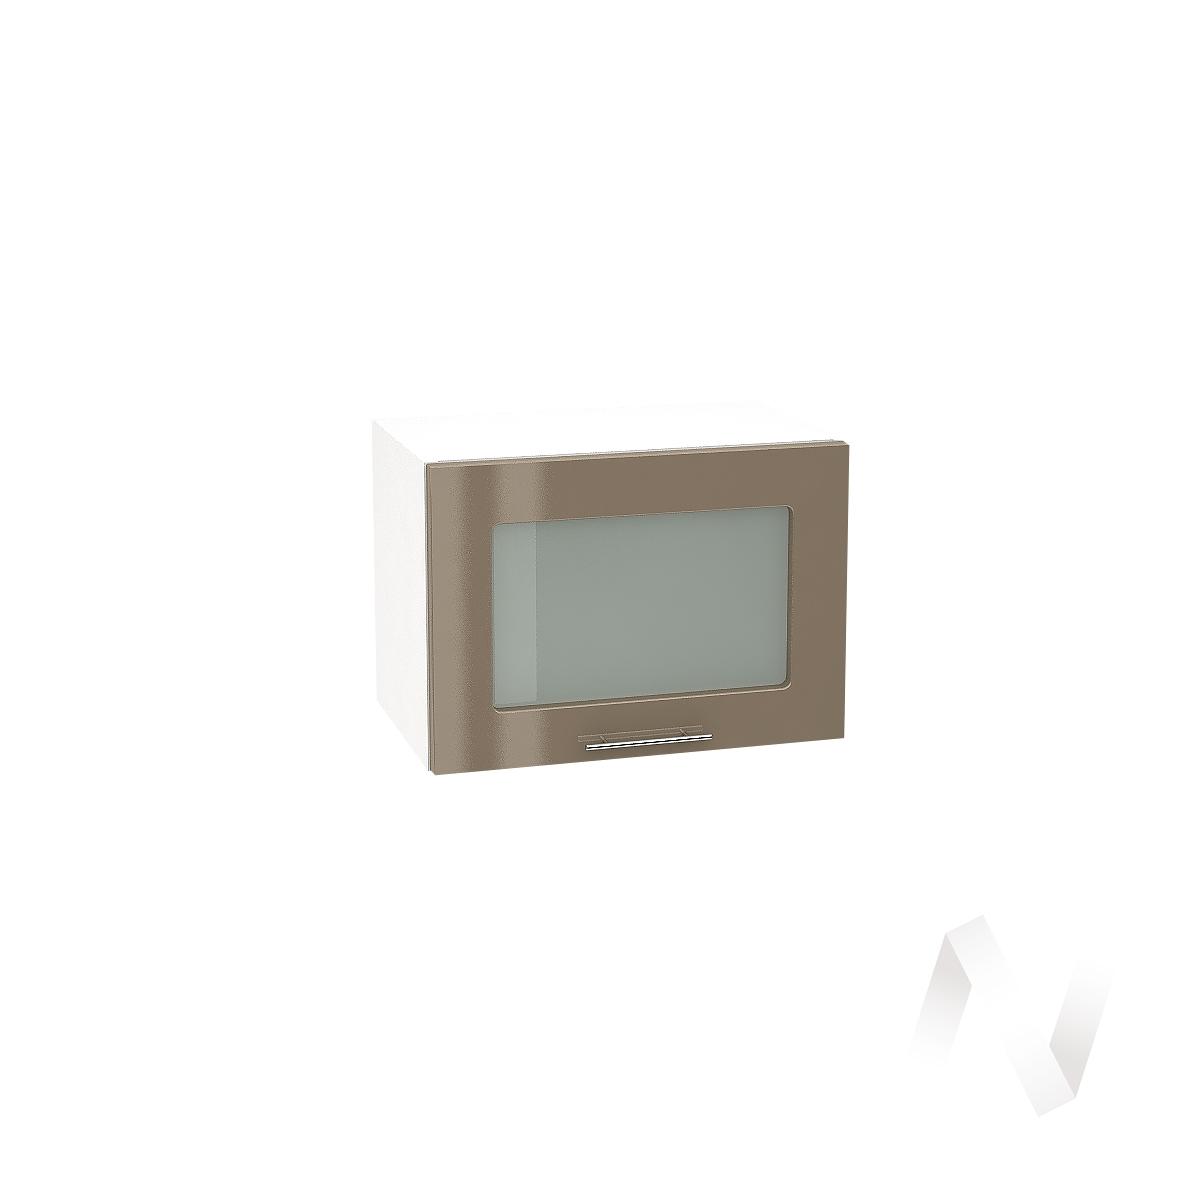 """Кухня """"Валерия-М"""":Шкаф верхний горизонтальный со стеклом 500,ШВГС 500 (Капучино глянец/корпус белый)"""